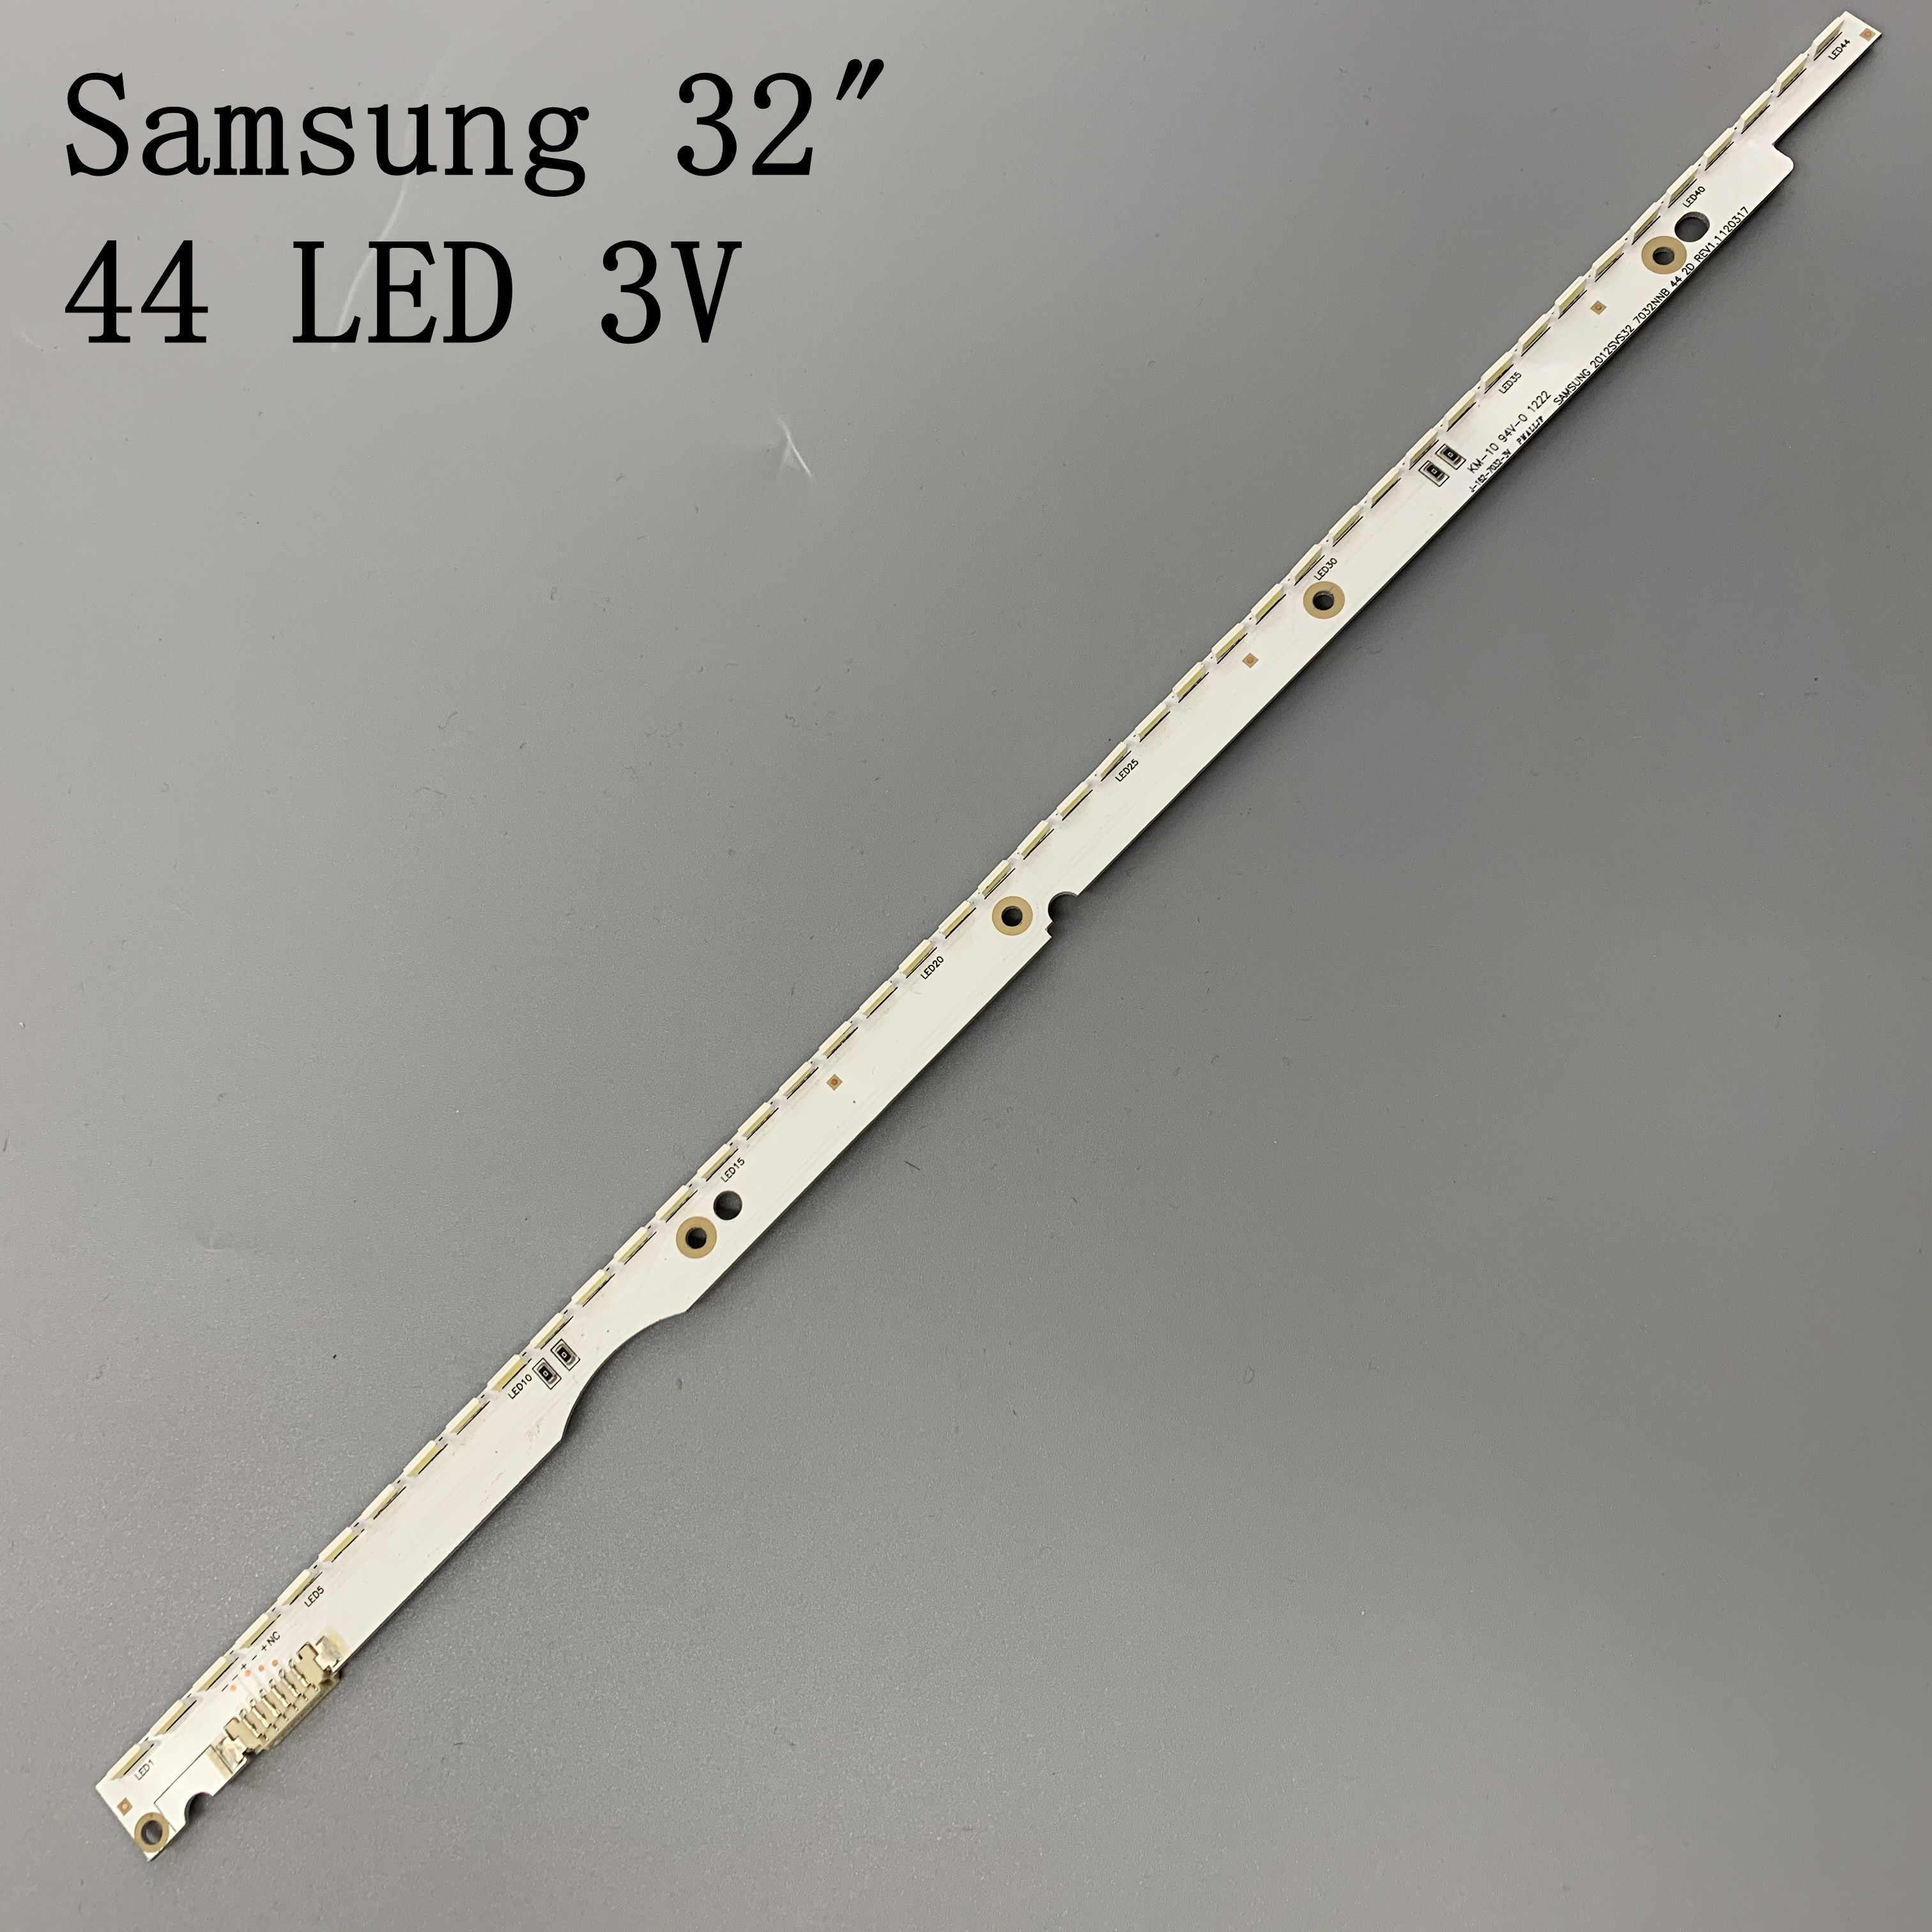 3V 32 Inch Led Backlight Strip Voor Samsung Tv 2012SVS32 7032NNB 2D V1GE-320SM0-R1 32NNB-7032LED-MCPCB UA32ES5500 44 Leds 406 Mm